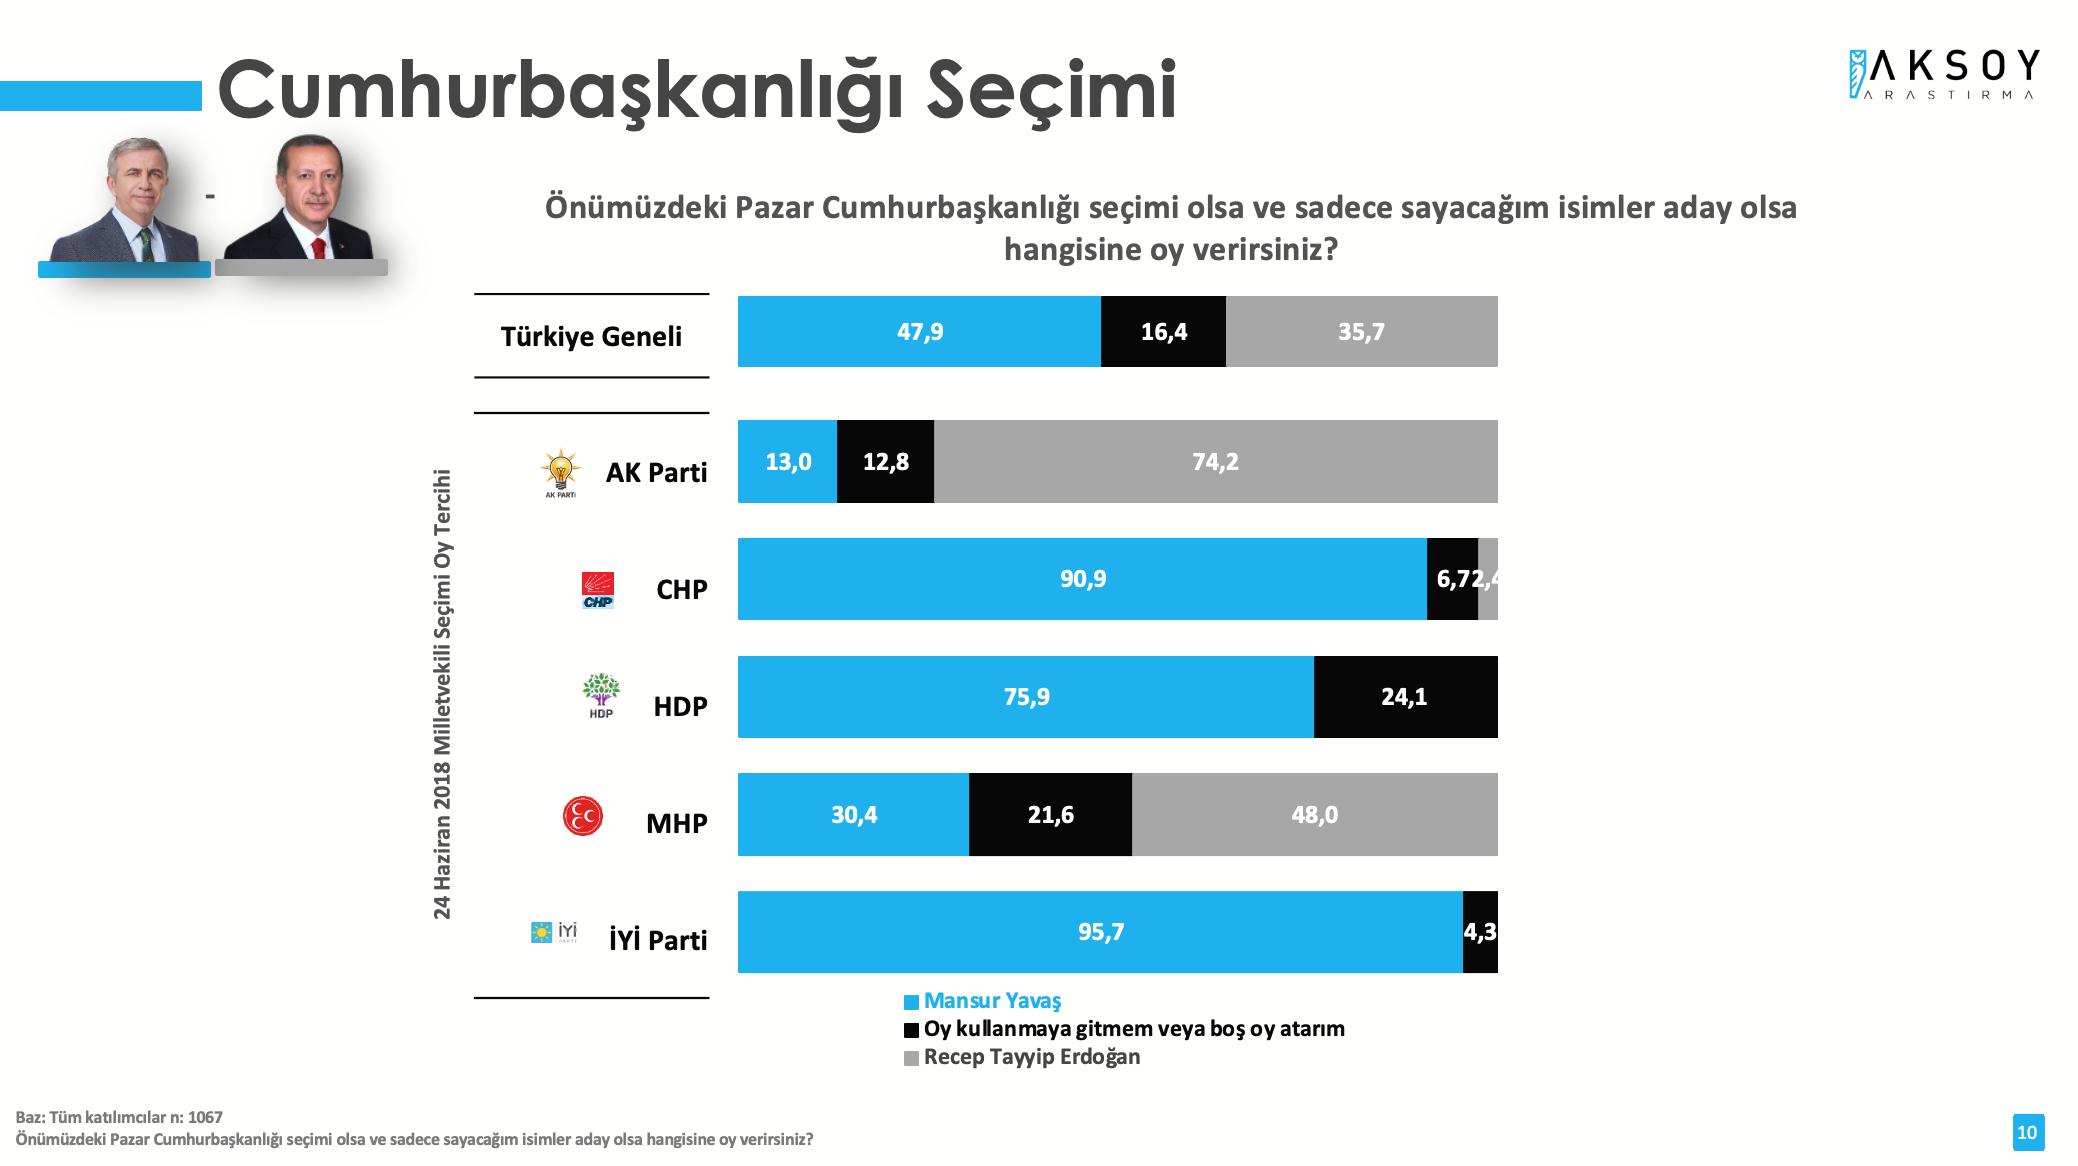 <p><strong>YAVAŞ, İMAMOĞLU VE AKŞENER ERDOĞAN'I GEÇTİ</strong></p><p>Araştırmada, katılımcıların olası bir Cumhurbaşkanlığı seçiminde tercihleri ikili kombinasyon olarak soruldu. Olası bir seçimde Cumhurbaşkanı Erdoğan'a karşı en yüksek oy oranına ulaşan siyasetçi yüzde 47,9 ile Ankara Büyükşehir Belediye Başkanı Mansur Yavaş oldu.&nbsp;</p>